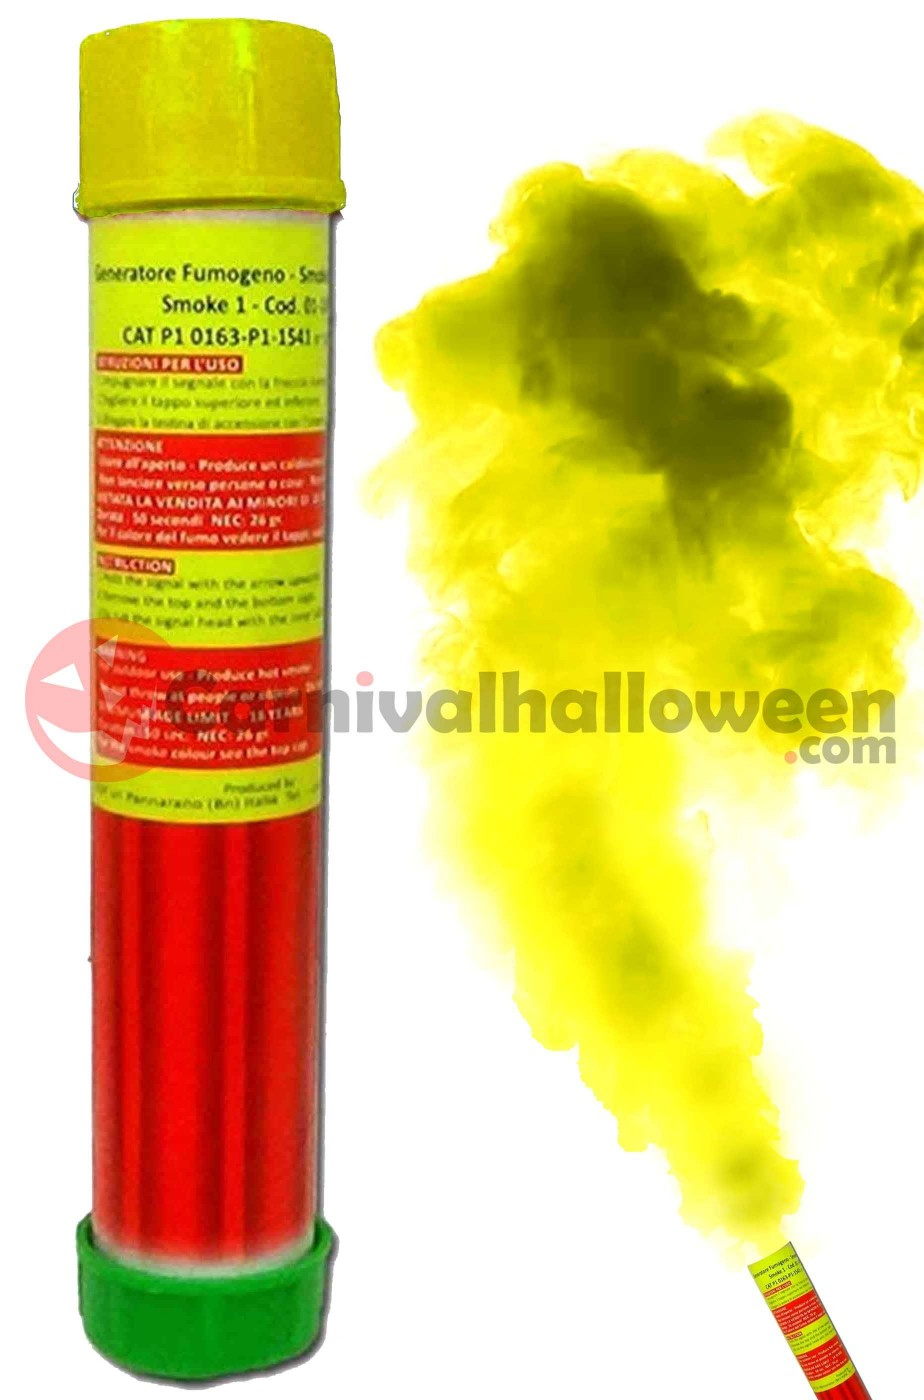 Fumogeno colore giallo